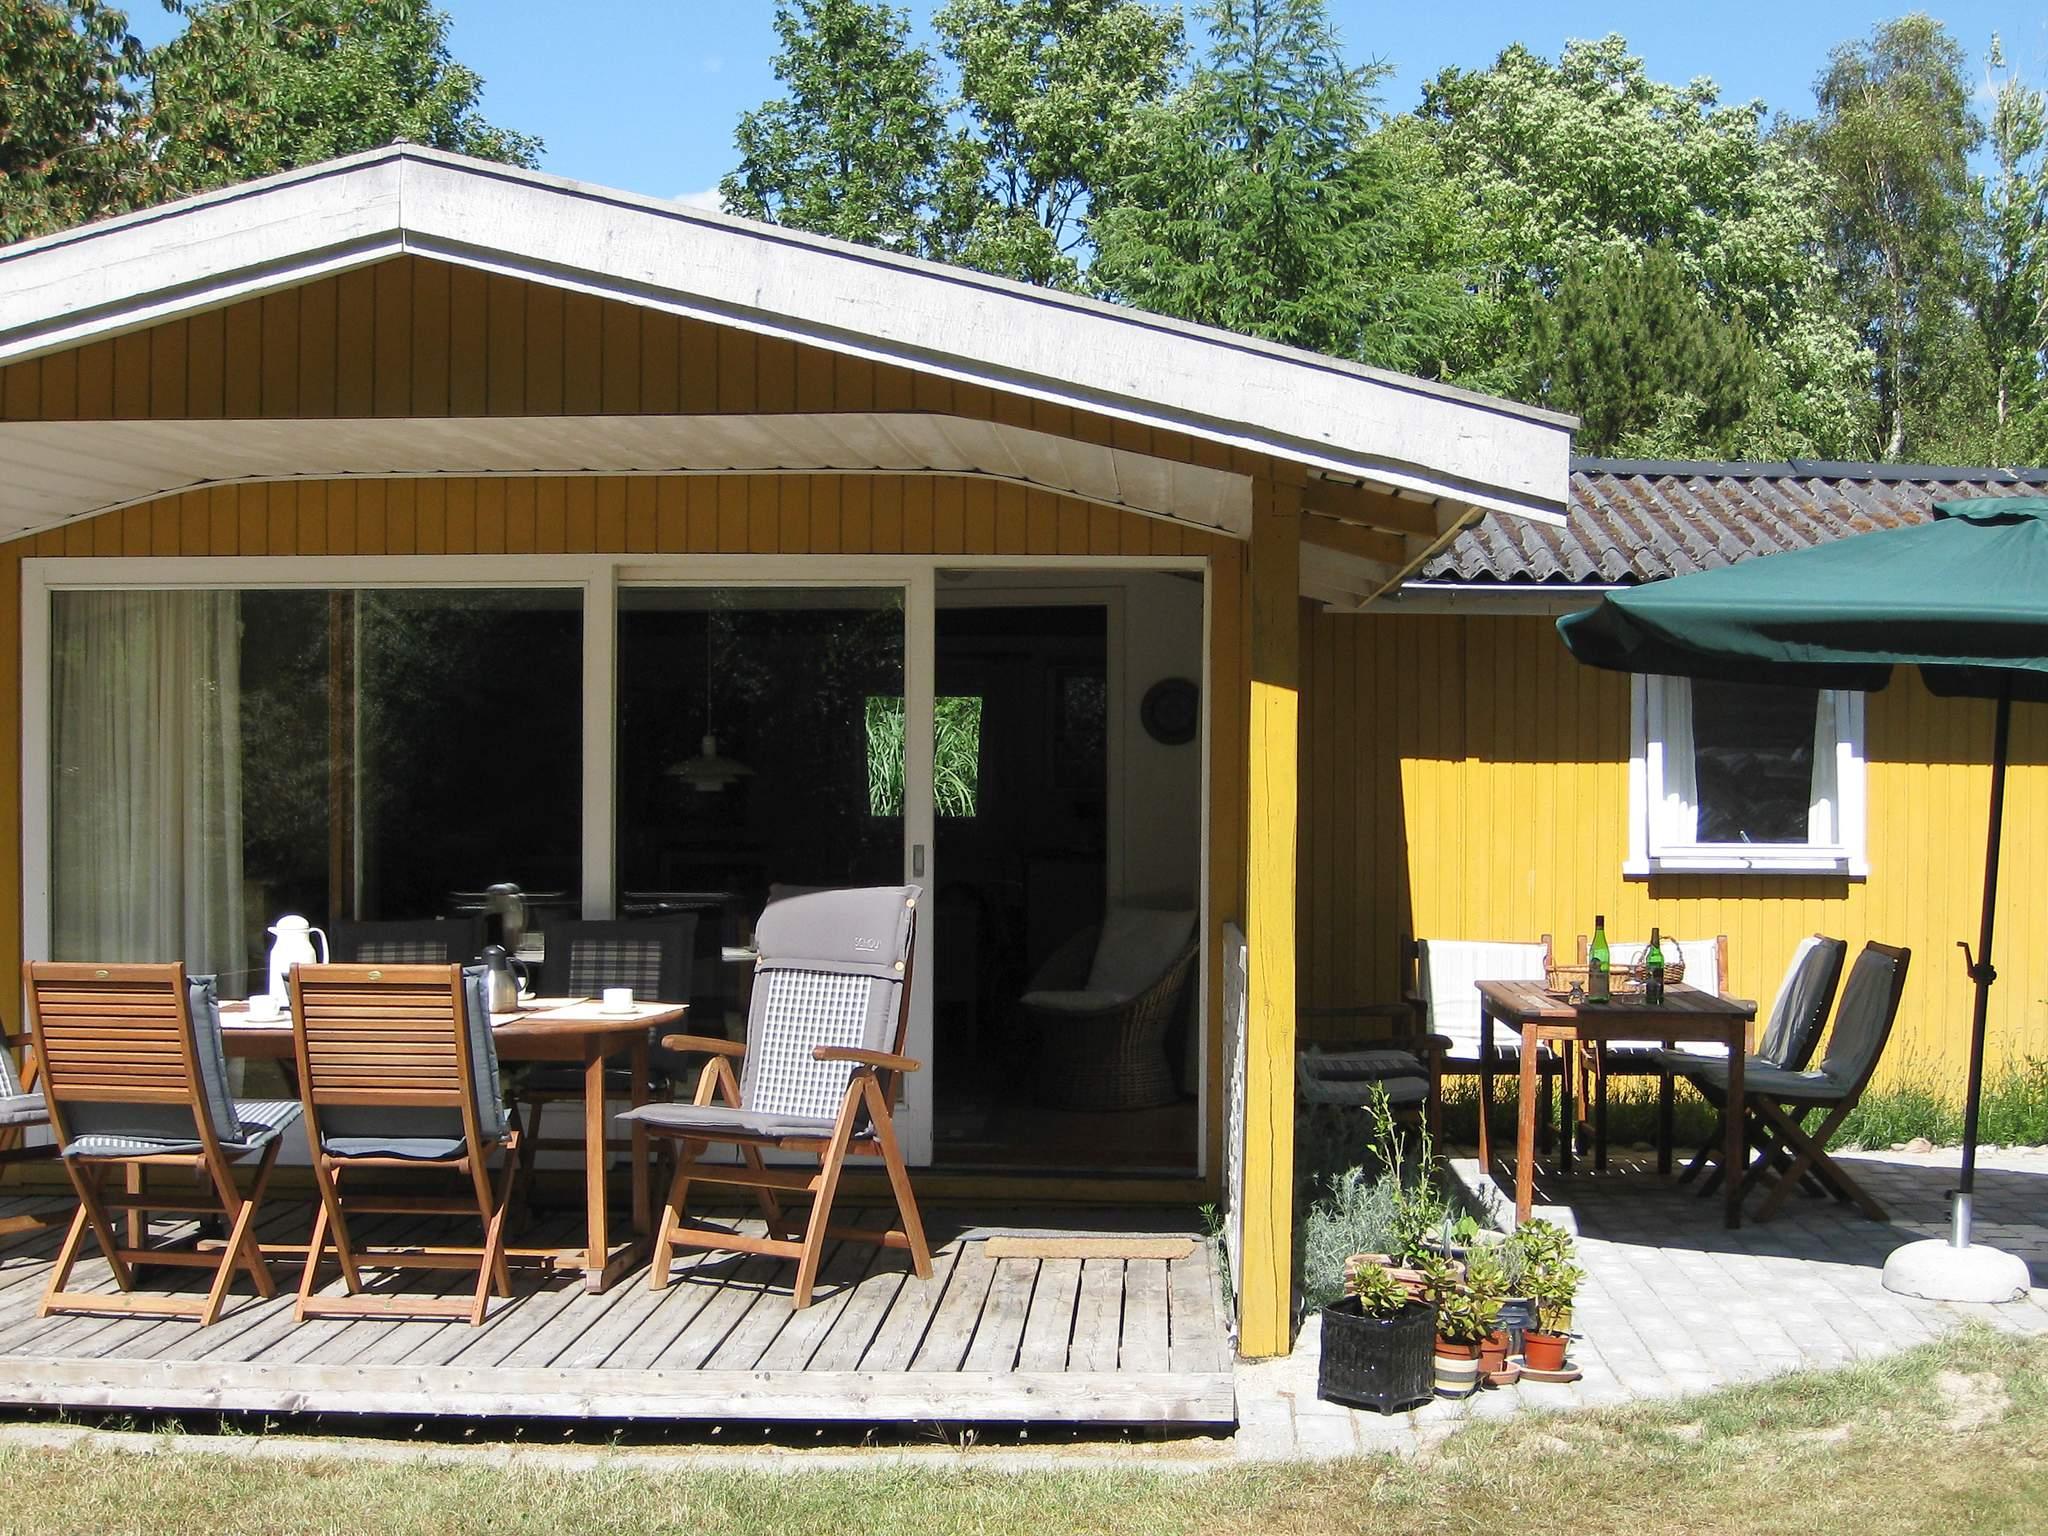 Ferienhaus Hummingen (85638), Hummingen, , Lolland, Dänemark, Bild 12